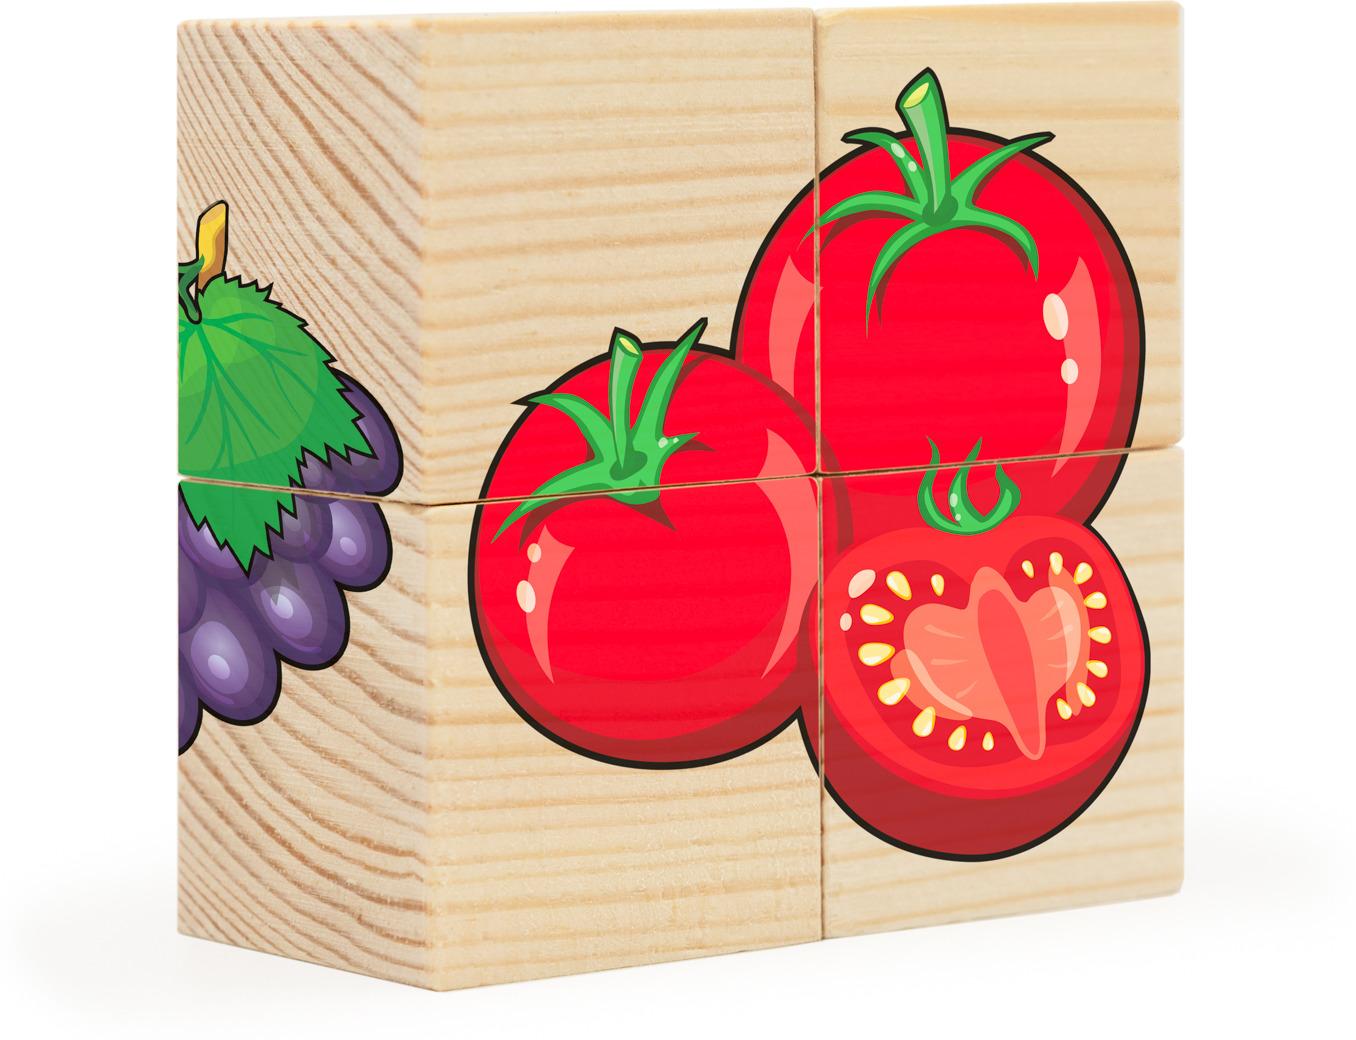 Фото - Деревянные кубики АНДАНТЕ Фрукты-овощи развивающие деревянные игрушки кубики фрукты